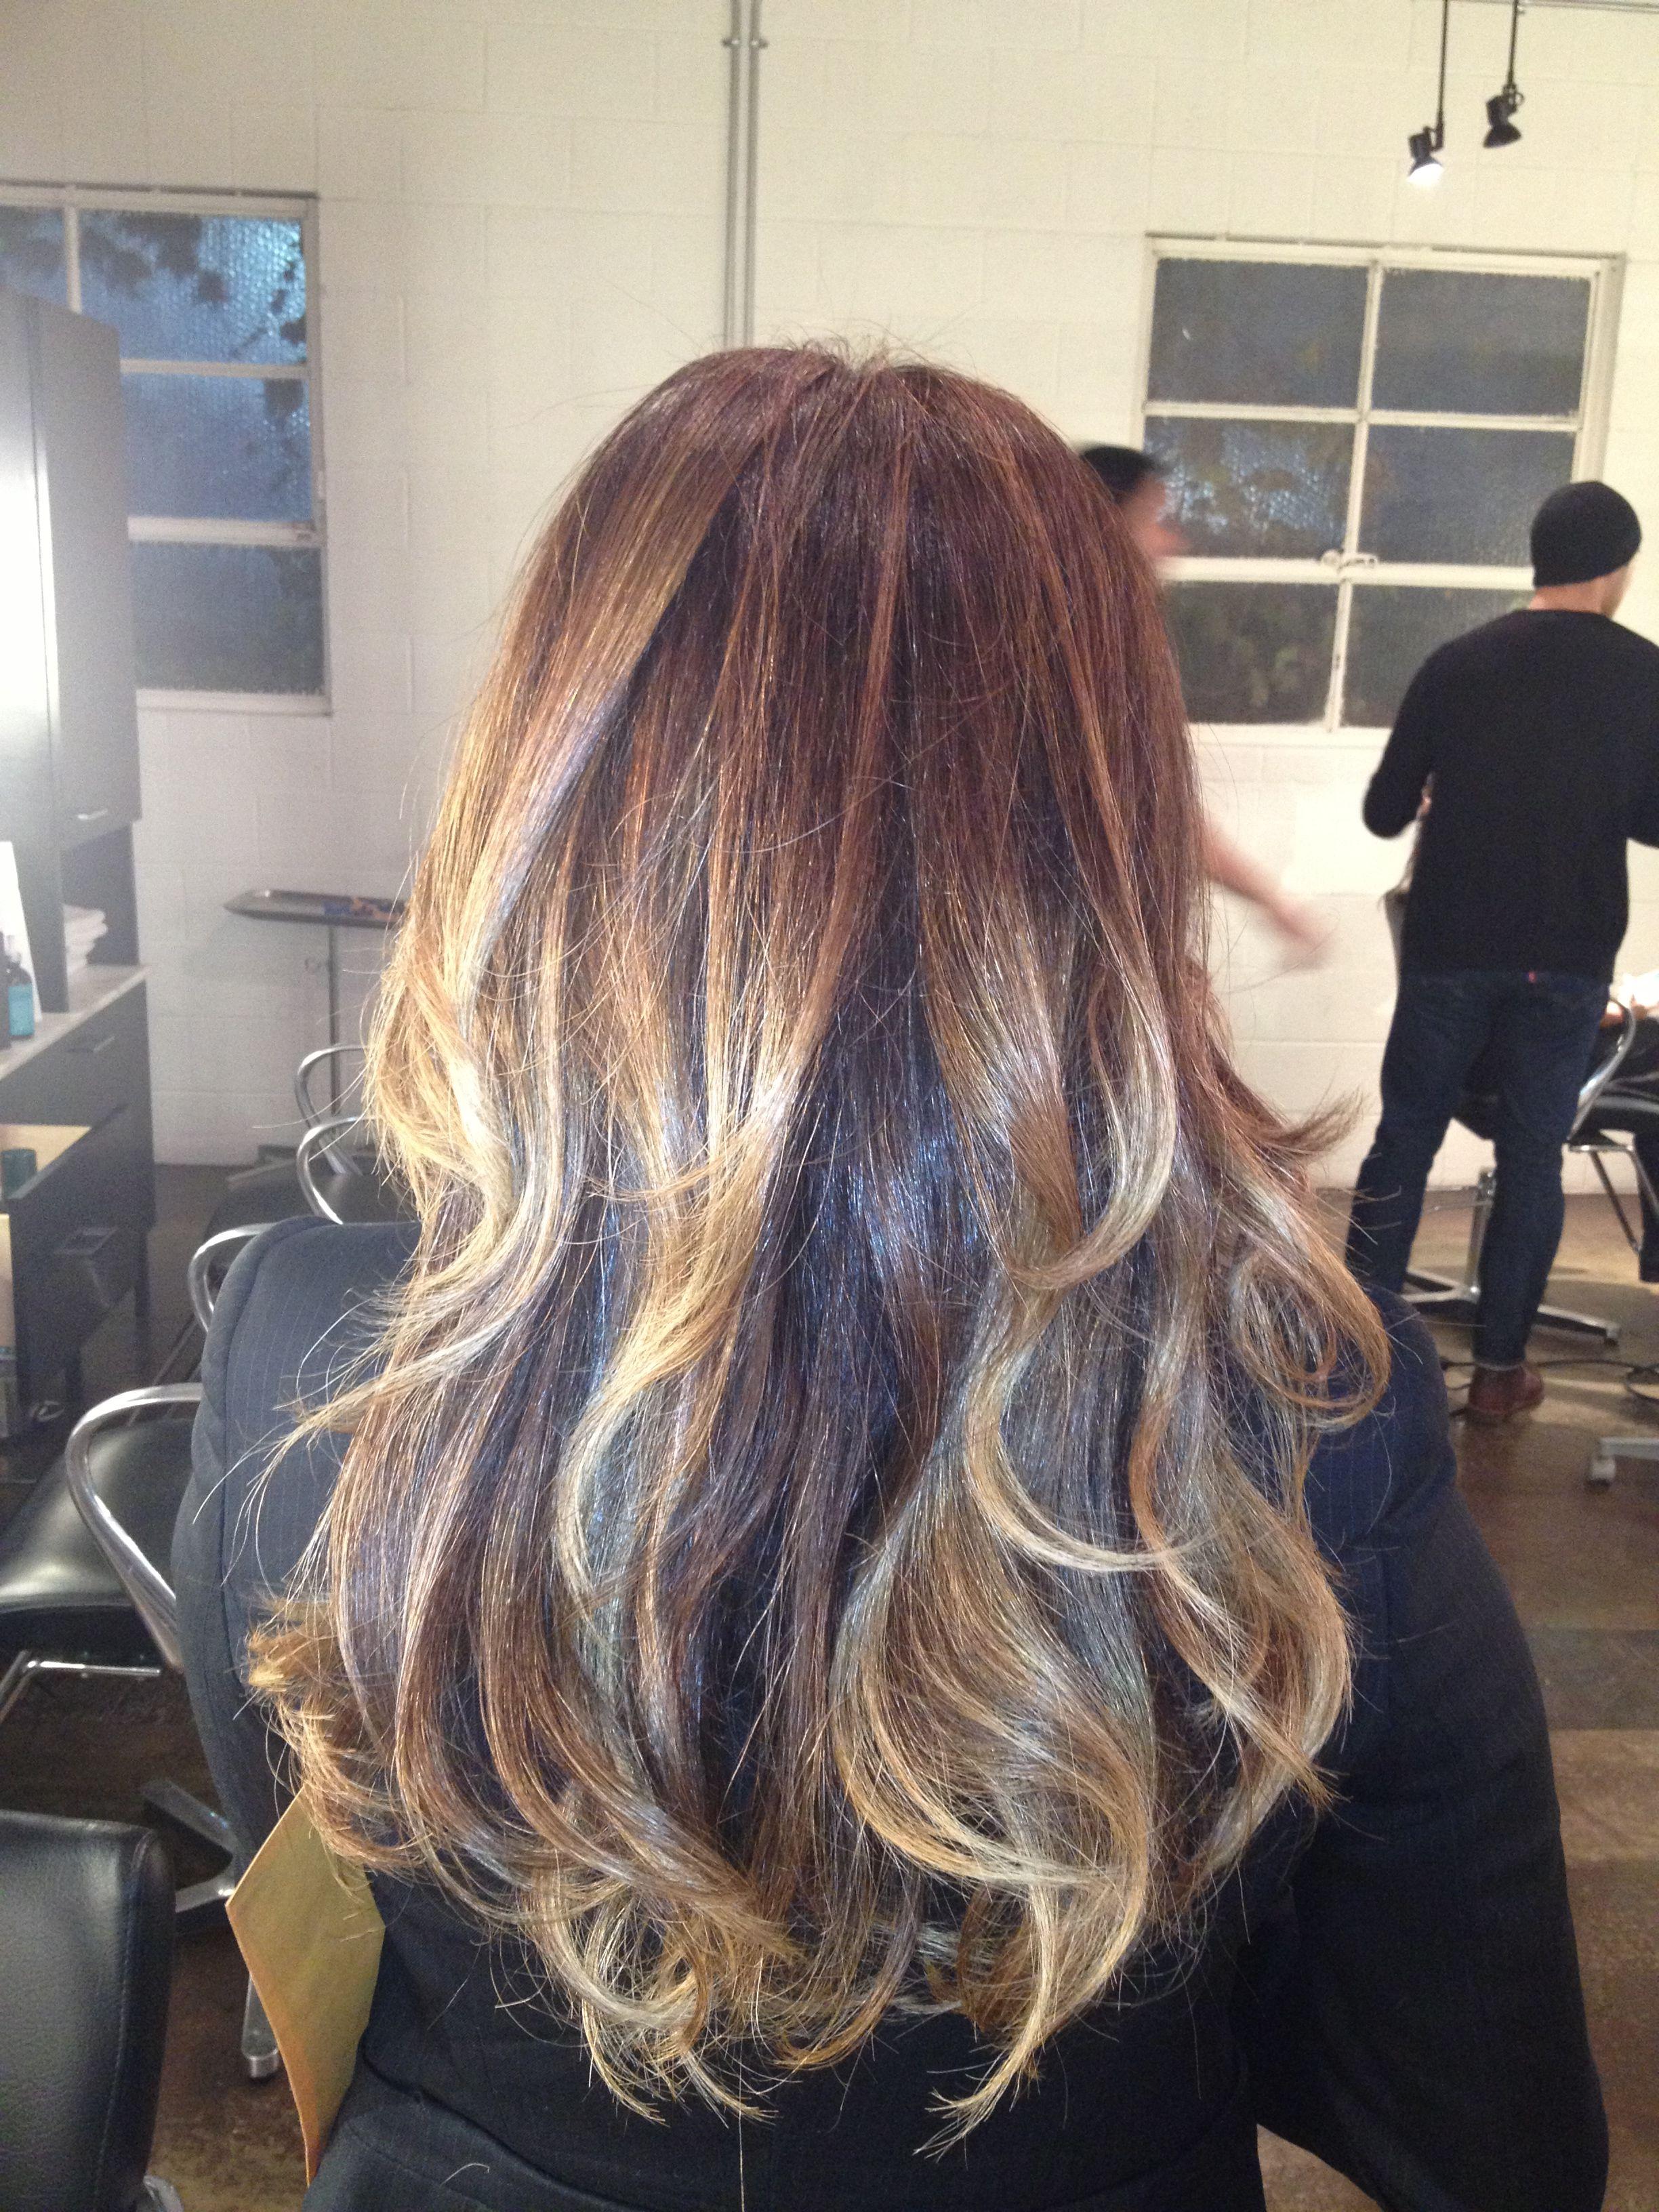 Balayage Hair Color By George Papanikolas